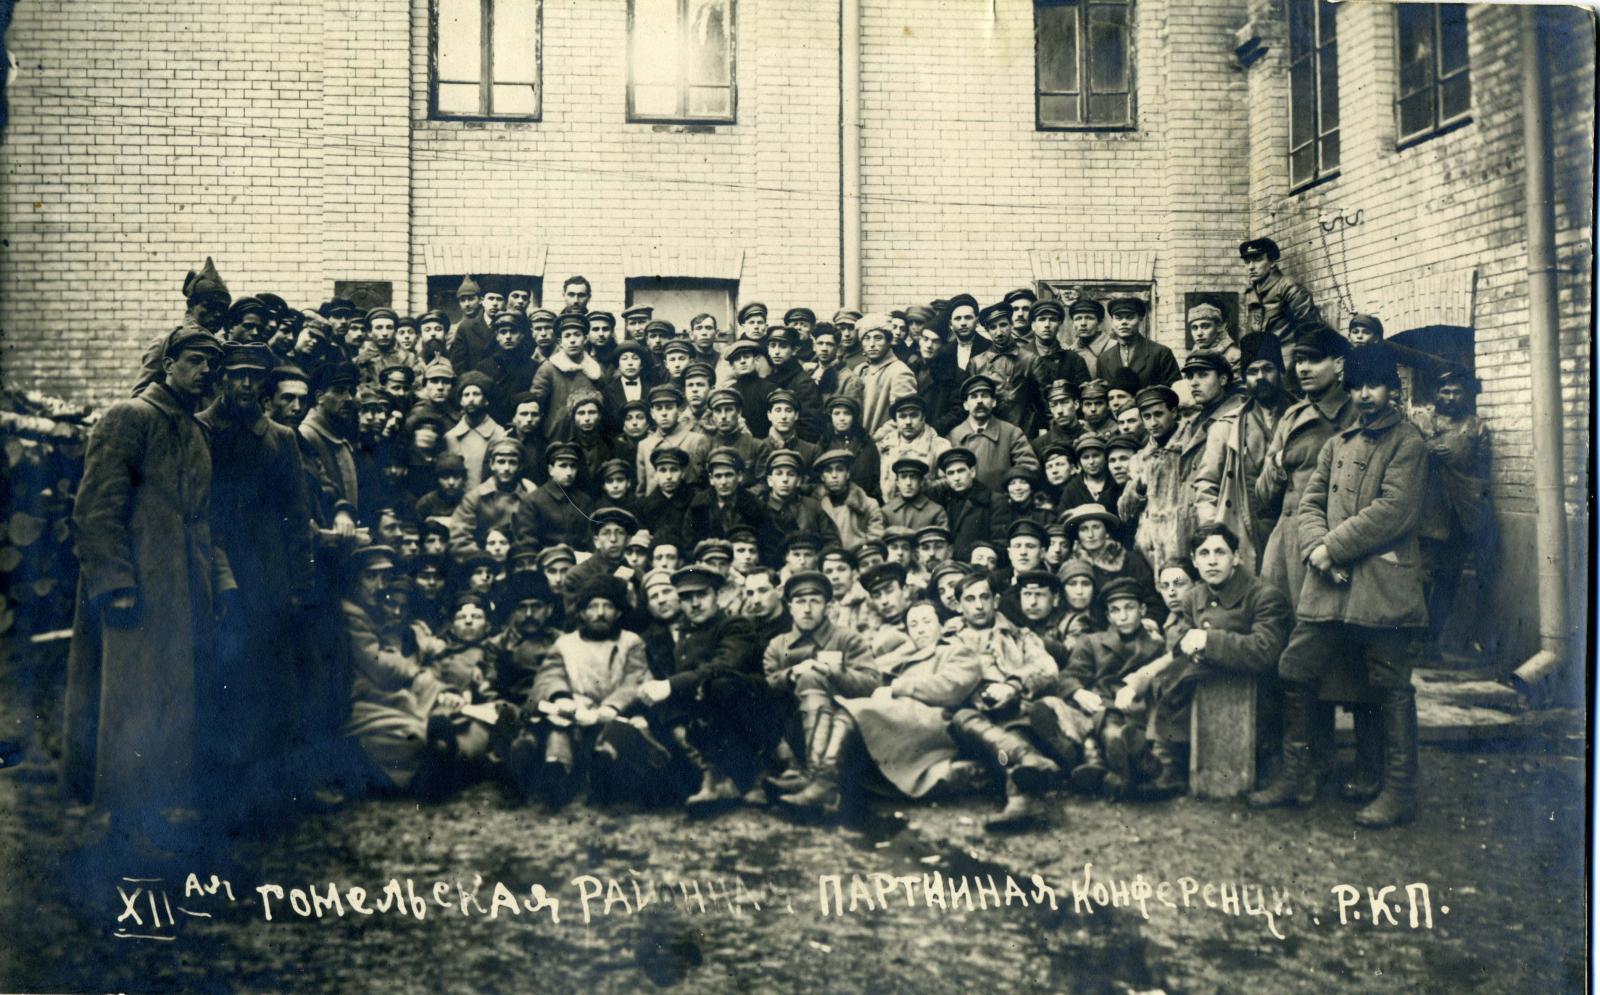 1923. Делегаты XII-й Гомельской районной партийной конференции РКП(б), март